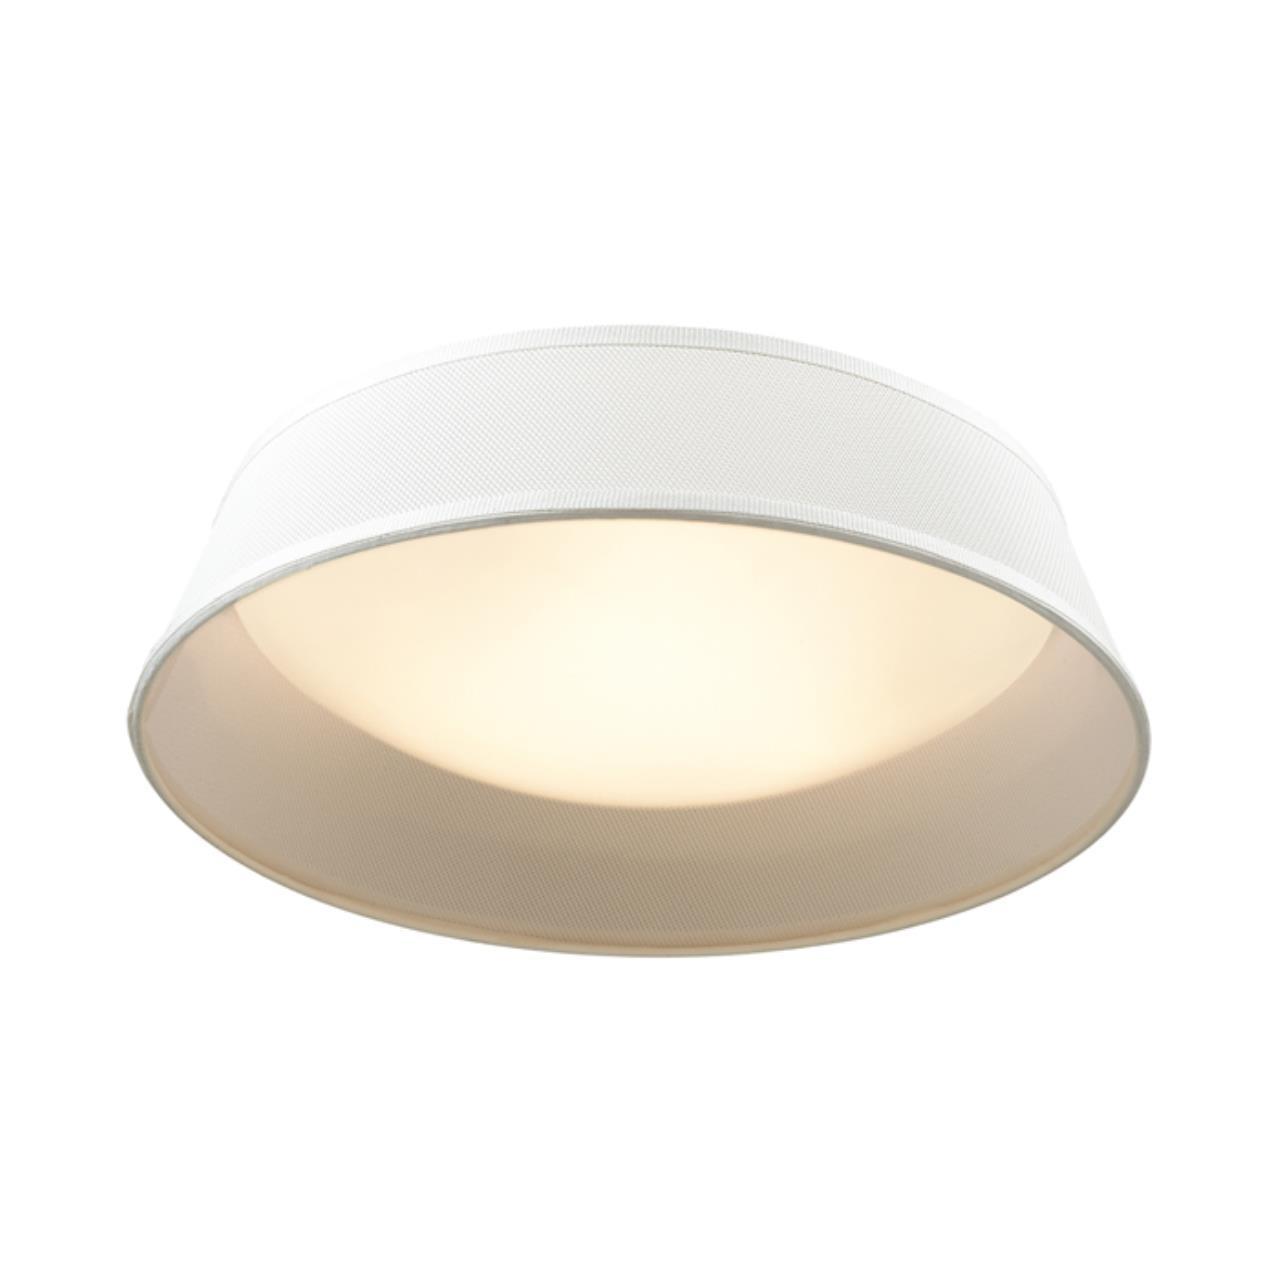 4157/3C MODERN ODL19 289 белый Потолочный светильник E27 3*15W SAPIA